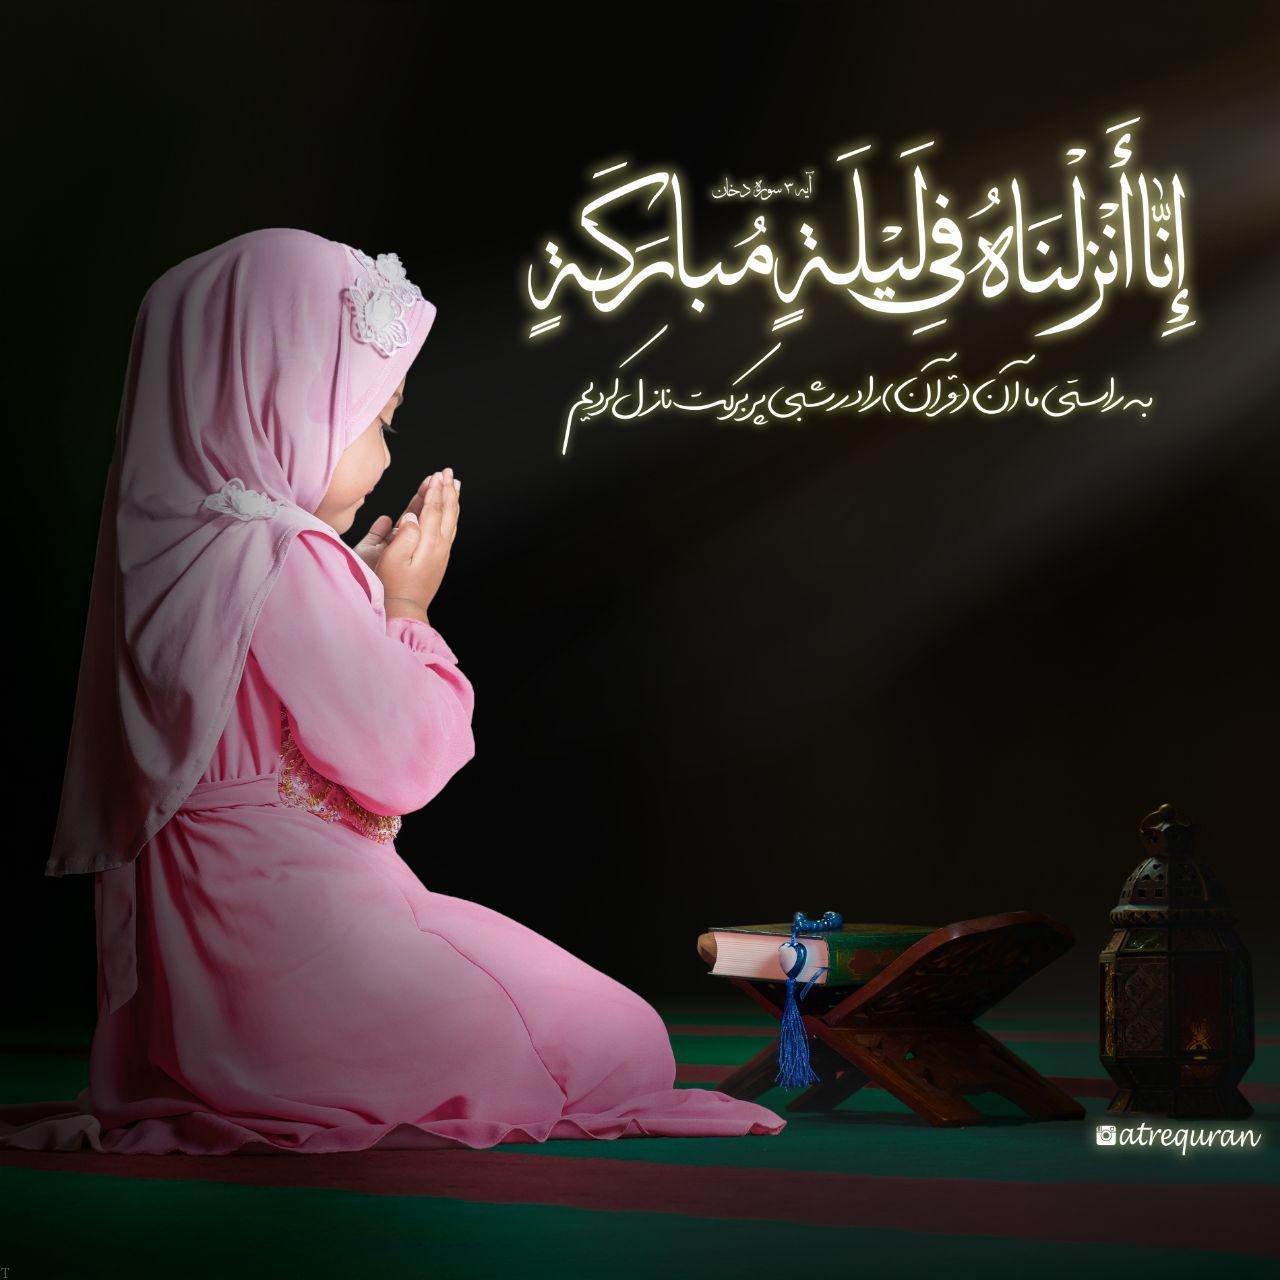 عکس و متن زیبا و ادبی برای التماس دعا در شب قدر (۹۸)